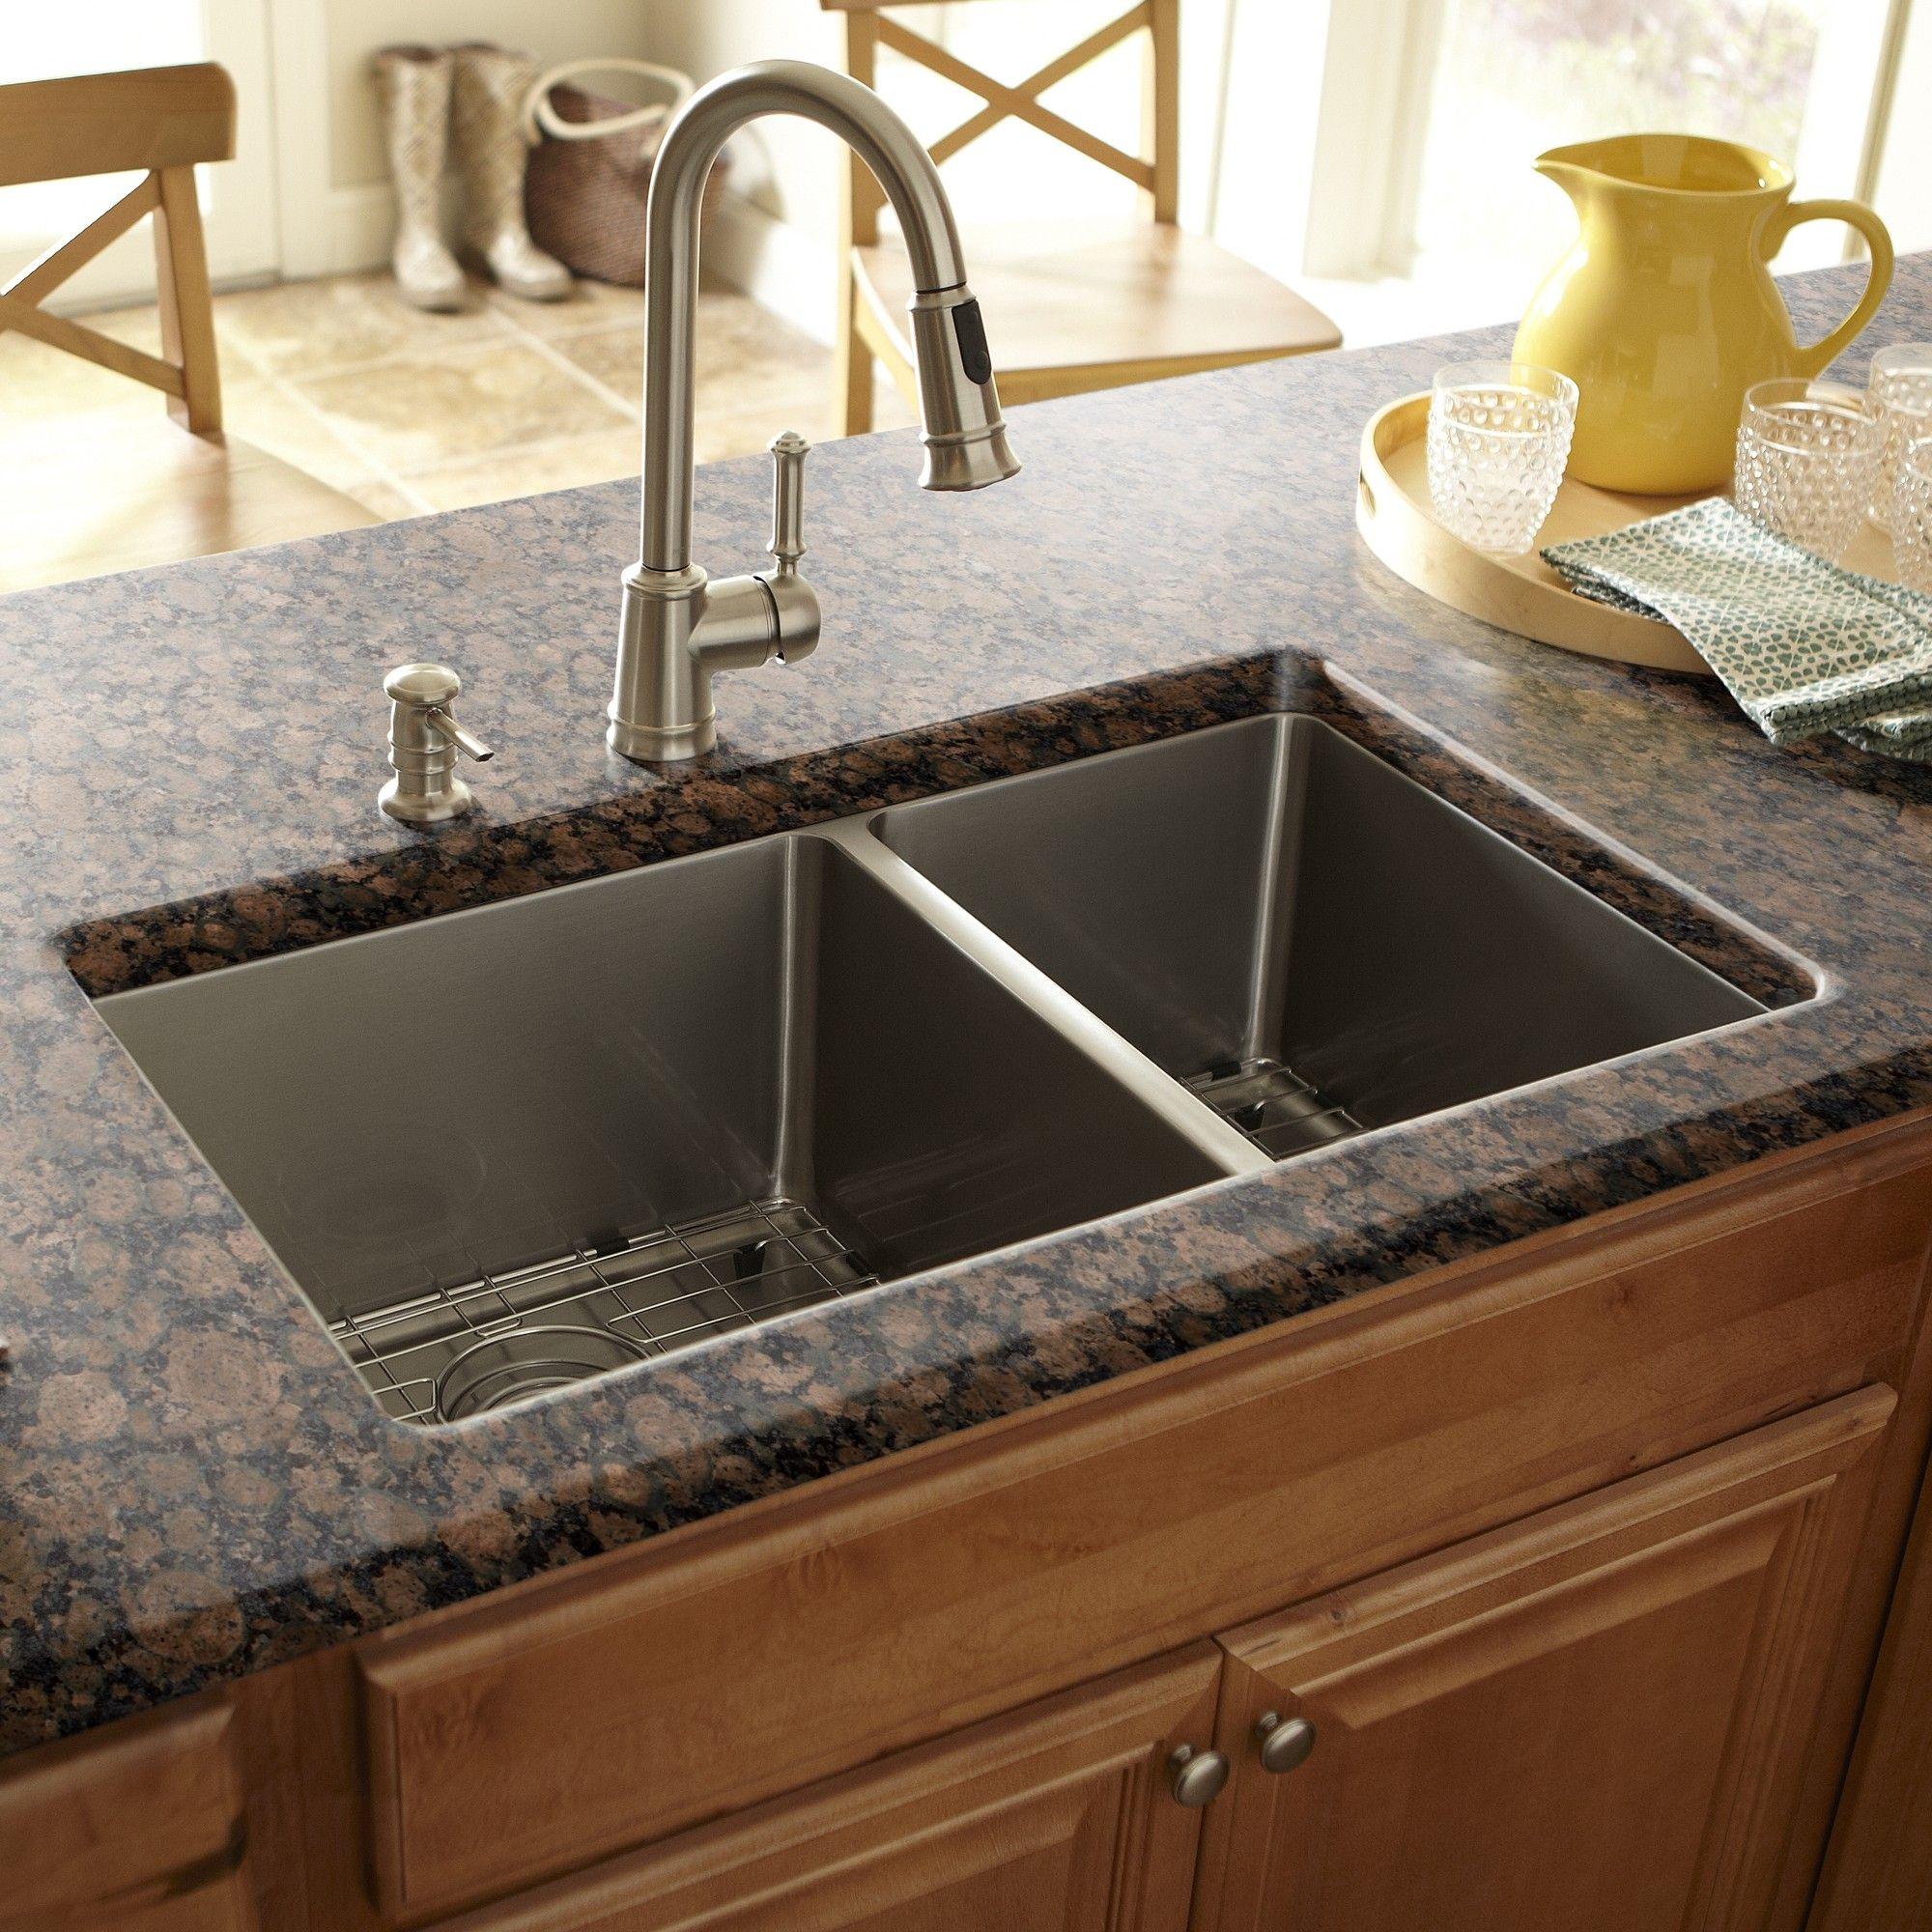 sink in kitchen design